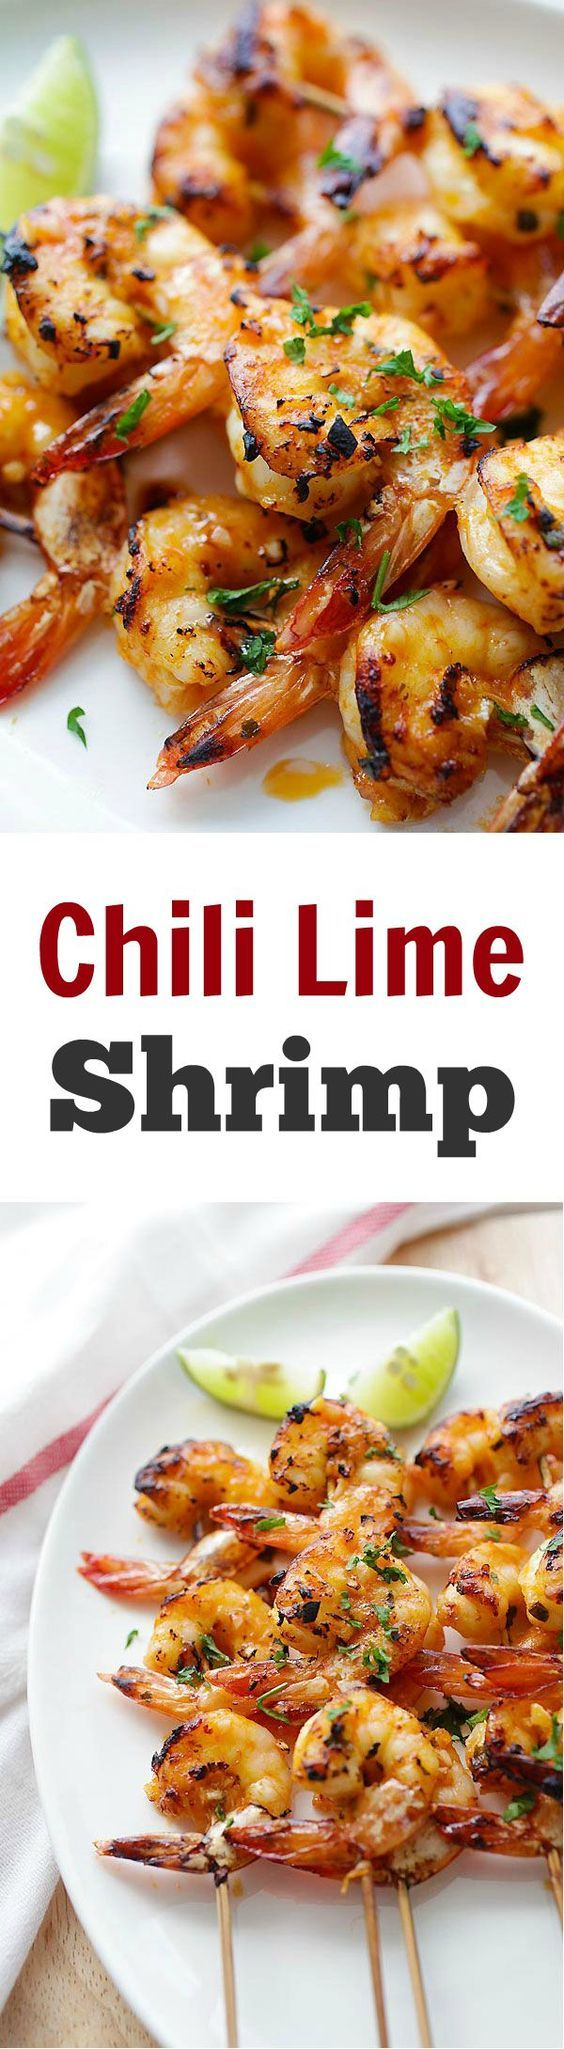 Chili Lime Shrimp